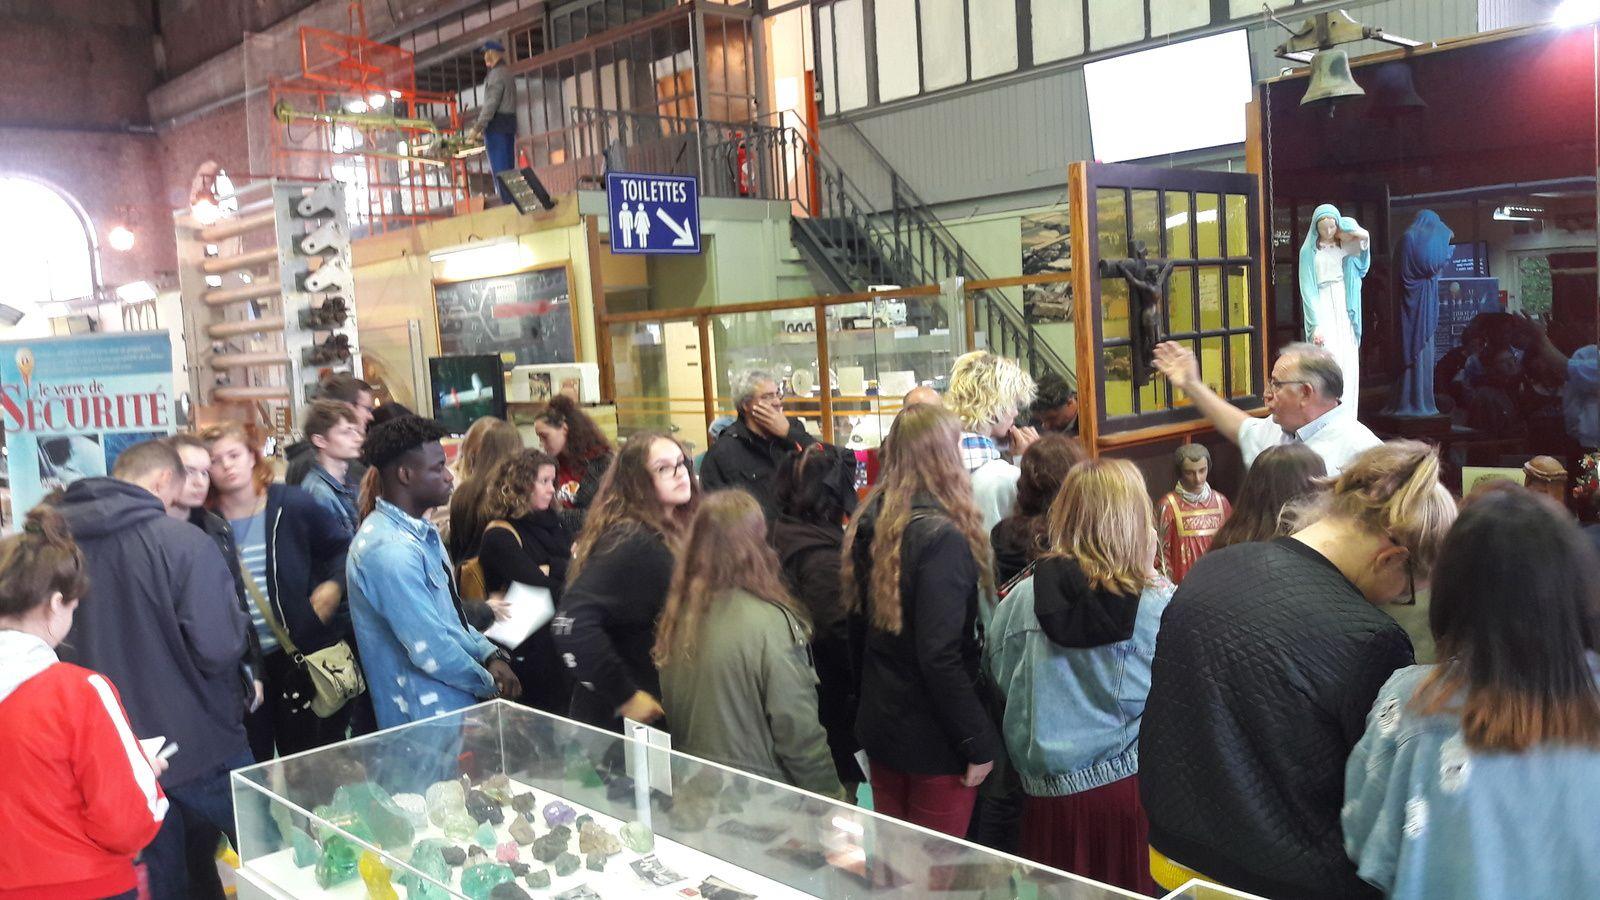 une cinquantaine d'élèves du LP Le Corbusier sont venus de Tourcoing visiter le Centre de Mémoire  Élèves se préparant aux métiers de décorateur sur verre